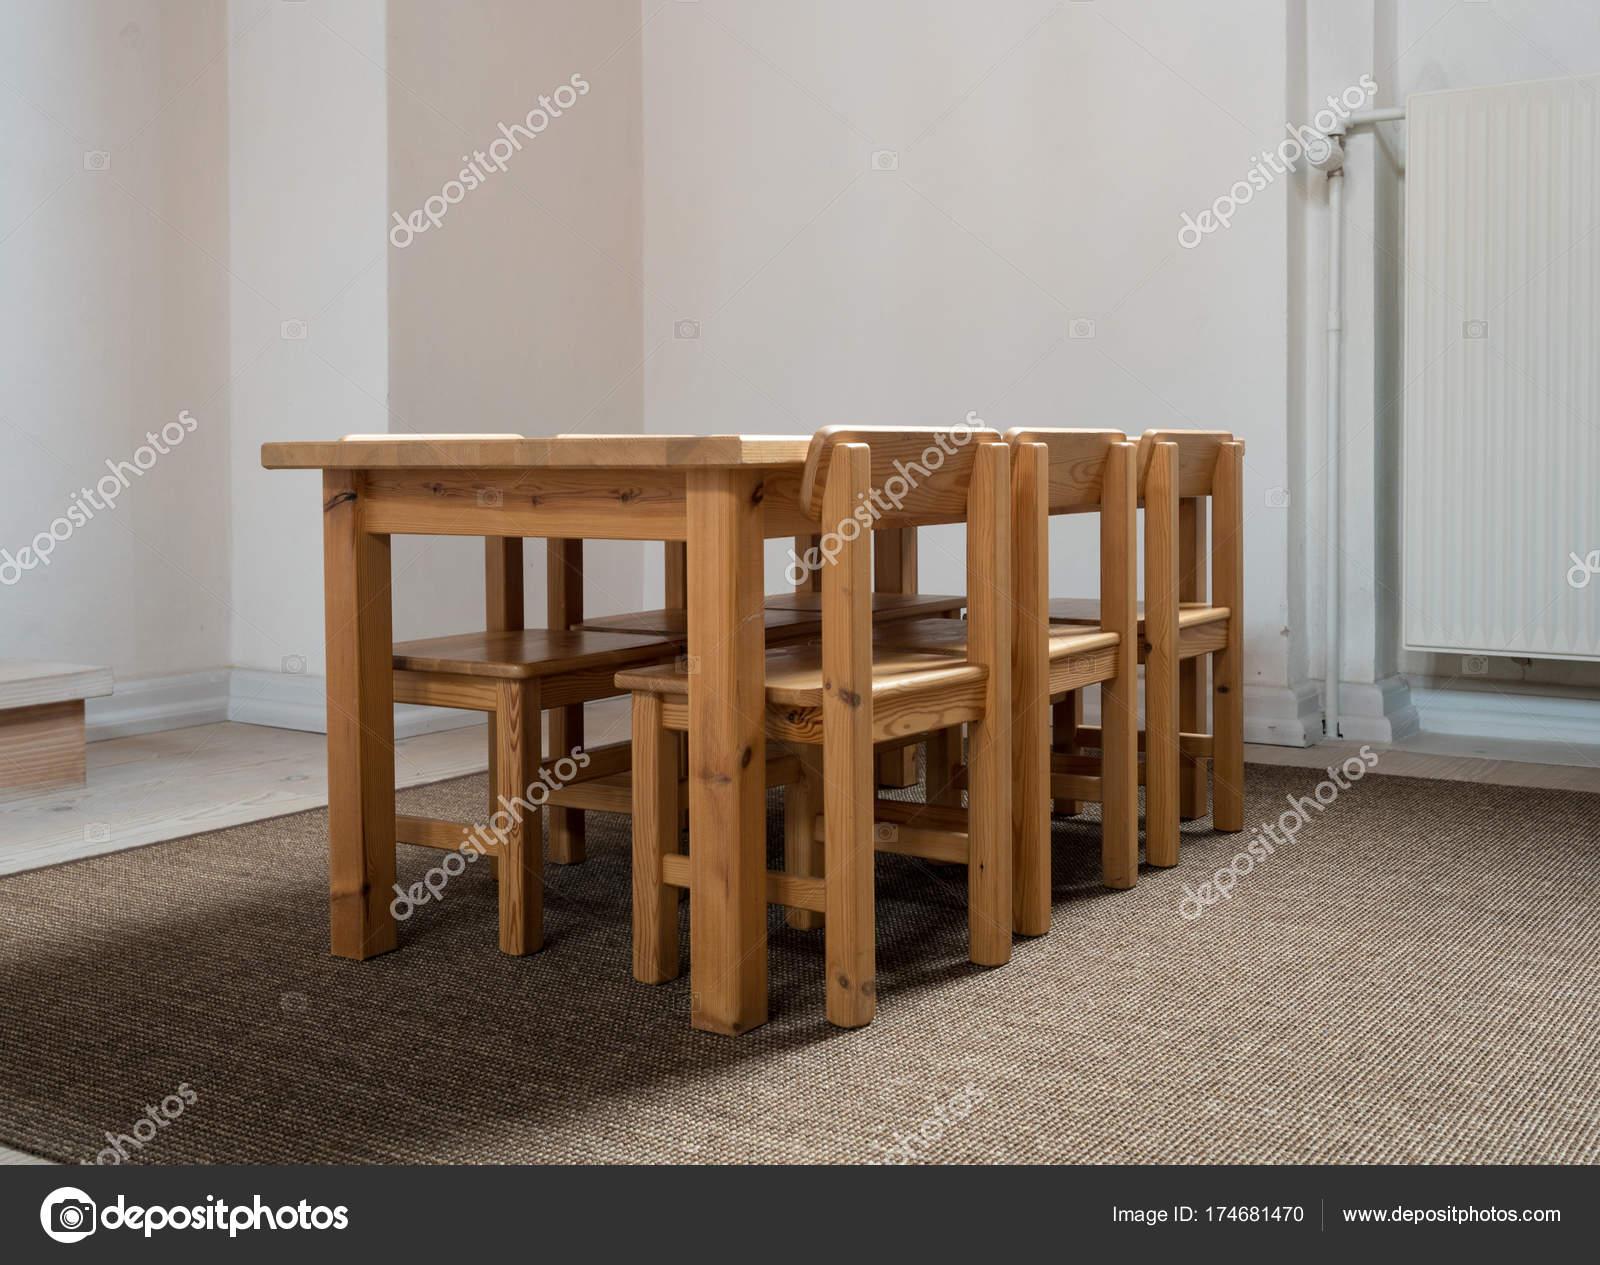 Eettafel Met Zes Stoelen Te Koop.Kind Formaat Tafel En Zes Stoelen In De Klas Stockfoto C Steveheap